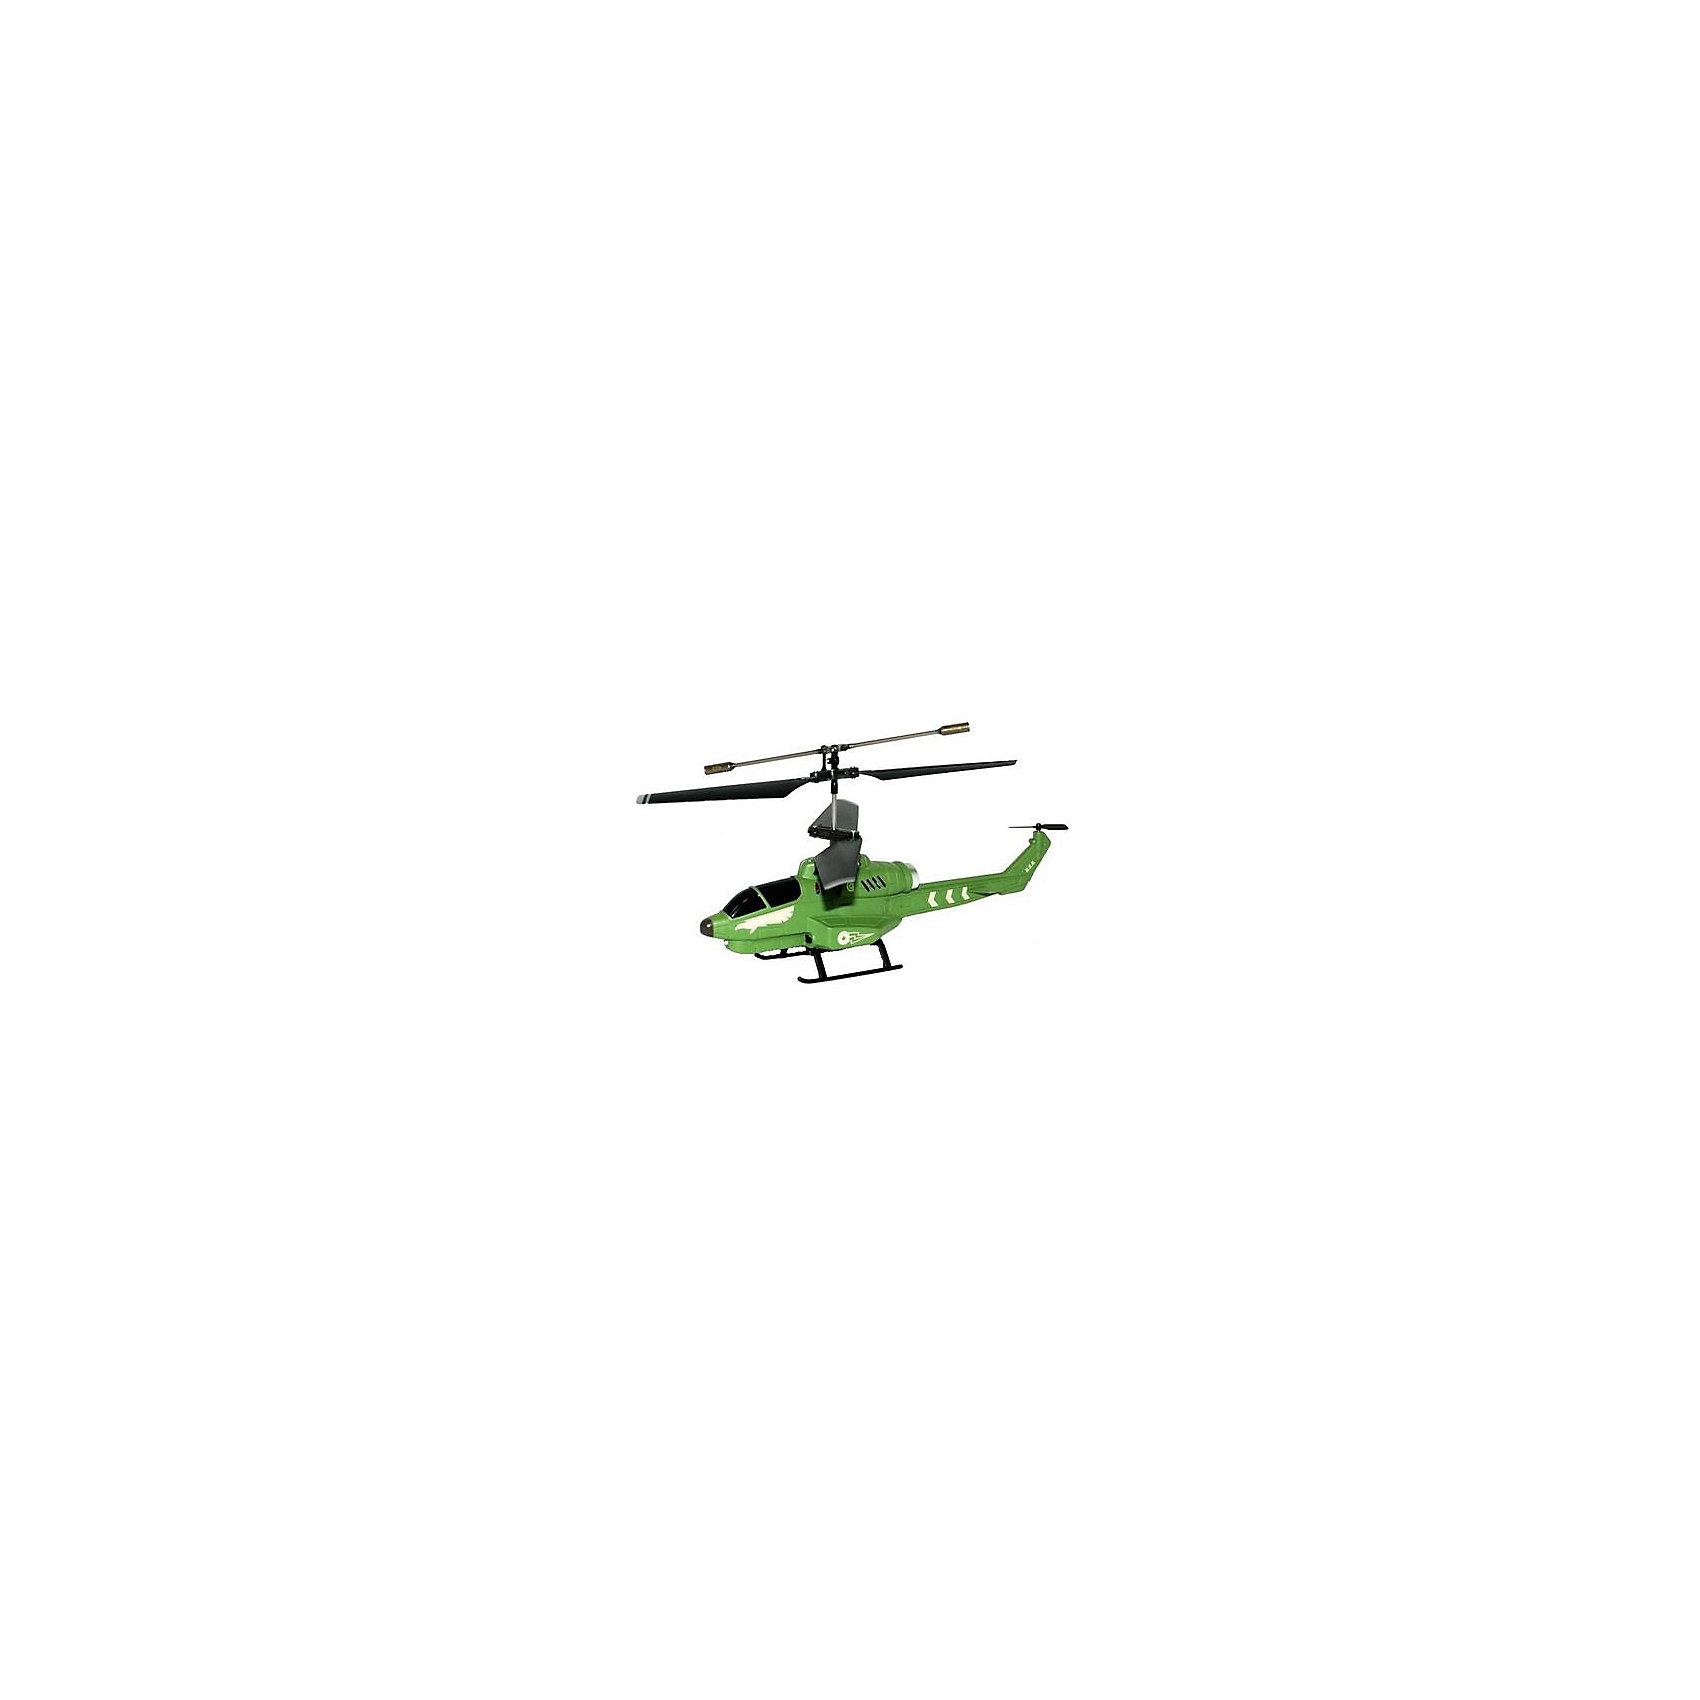 Вертолет Боец на р/у, Властелин небесВертолет Боец на р/у, Властелин небес<br><br>Характеристики:<br><br>• инфракрасное управление<br>• летает вверх, вниз, вперёд и назад<br>• парит в воздухе<br>• светящиеся сигнальные огни<br>• дальность действия: 10 метров<br>• время зарядки: 30 минут<br>• материал: пластик, металл<br>• размер игрушки: 8х17х43 см<br>• питание: 3.7 аккумулятор Li-poli<br>• размер упаковки: 5х11х20 см<br>• батарейки: АА - 6 шт. (не входят в комплект)<br><br>Вертолёт Боец - настоящая находка для поклонников игрушек с радиоуправлением. Боец послушно выполняет команды с пульта, следуя вниз, вверх, вперёд и назад. Благодаря встроенному гироскопу вертолёт способен зависать в воздухе и летать ровно. Игрушка оснащена светящимися огнями, которые позволяют играть даже в темноте. Время полной подзарядки составляет всего полчаса, а время игры до 10 минут. <br>Для работы необходимы 6 батареек АА (не входят в комплект).<br><br>Вертолет Боец на р/у, Властелин небес вы можете купить в нашем интернет-магазине.<br><br>Ширина мм: 90<br>Глубина мм: 430<br>Высота мм: 170<br>Вес г: 670<br>Возраст от месяцев: 108<br>Возраст до месяцев: 2147483647<br>Пол: Мужской<br>Возраст: Детский<br>SKU: 5397108